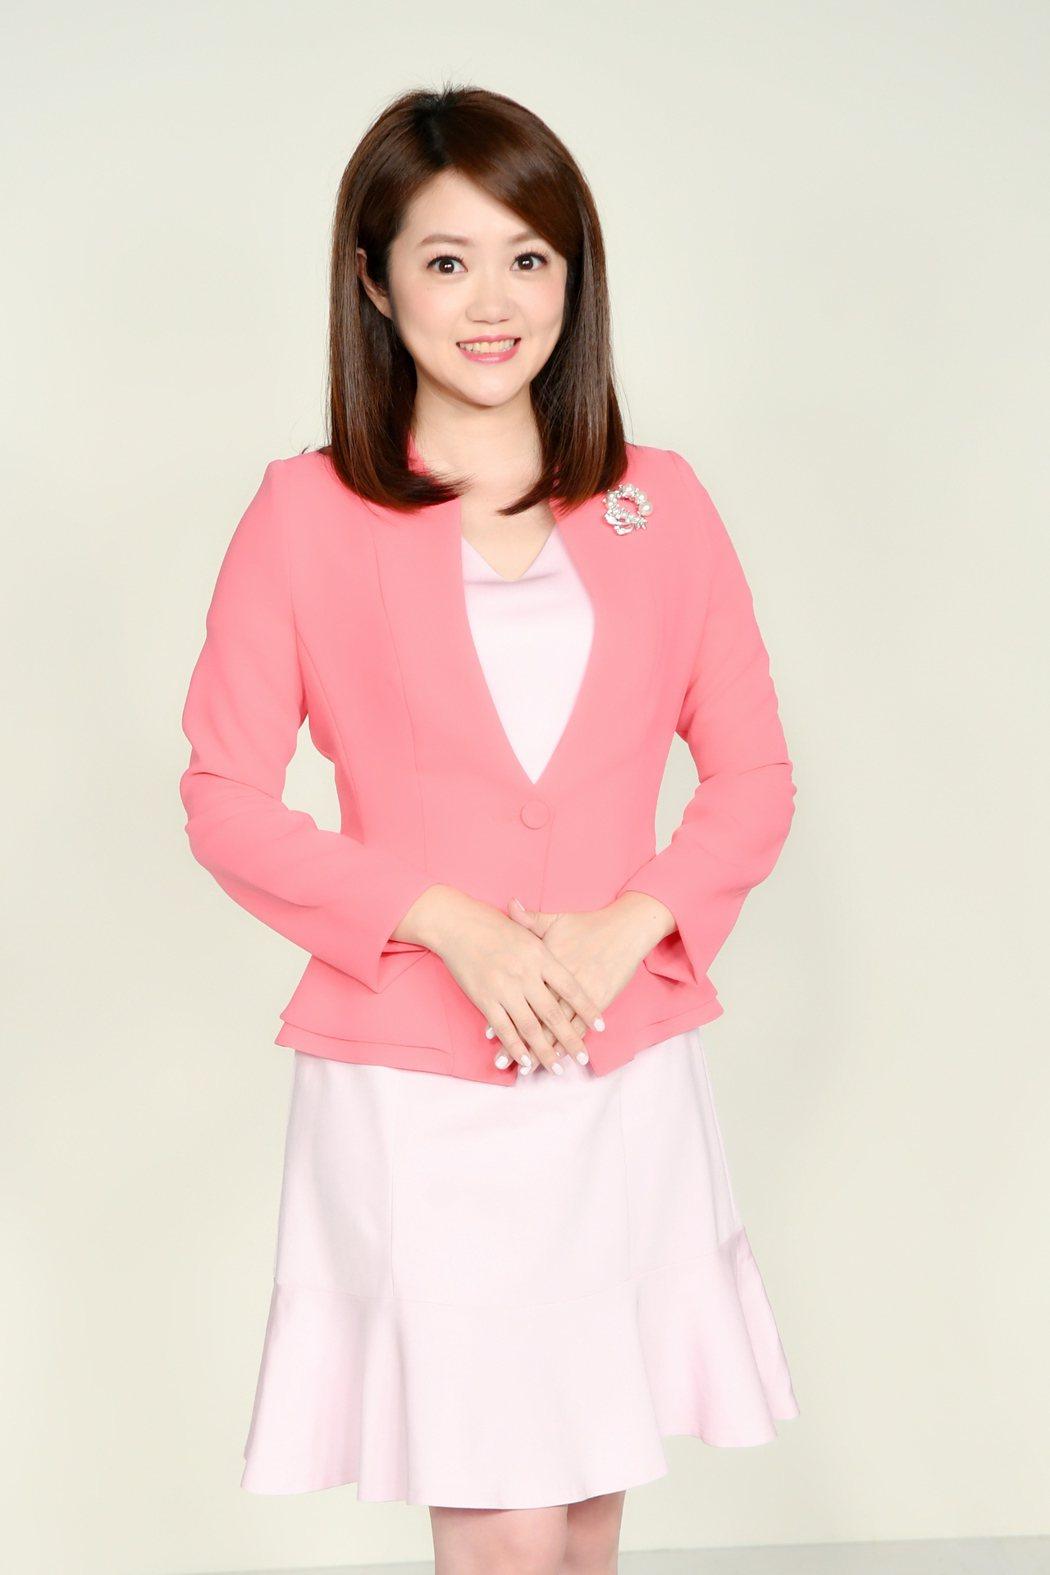 華視主播陳璽鈞是「華視新聞雜誌」主持人。圖/華視提供